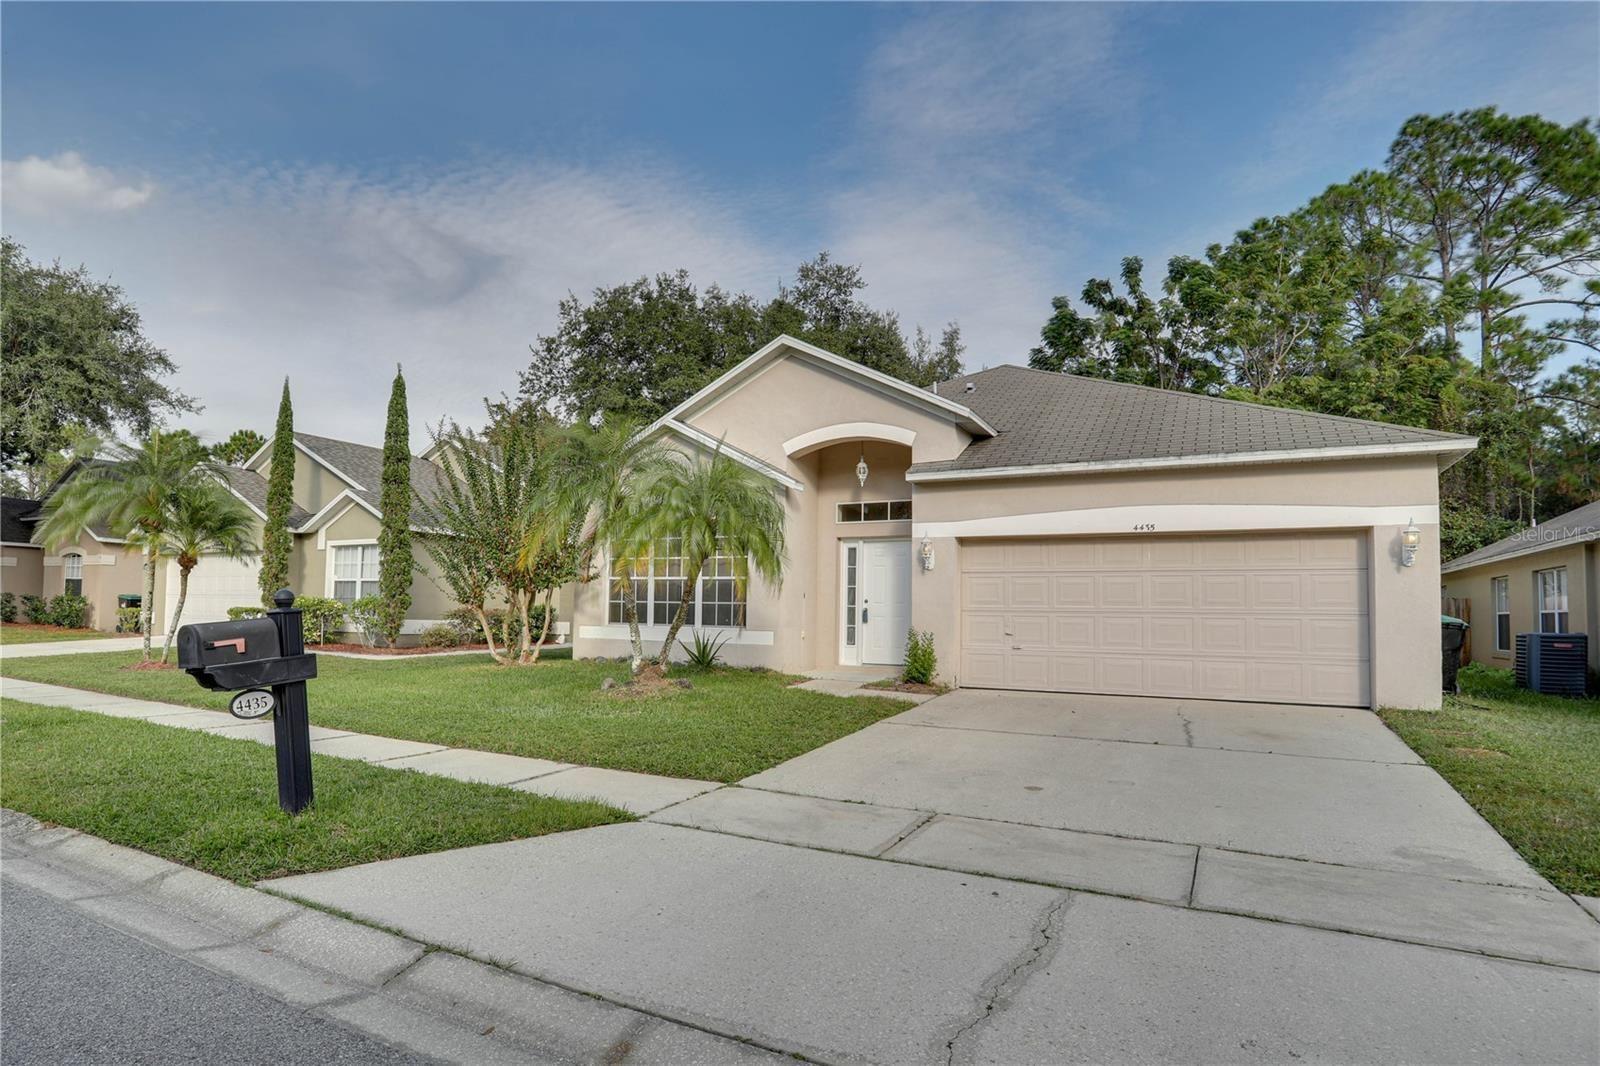 4435 KING EDWARD DRIVE, Orlando, FL 32826 - #: O5966719